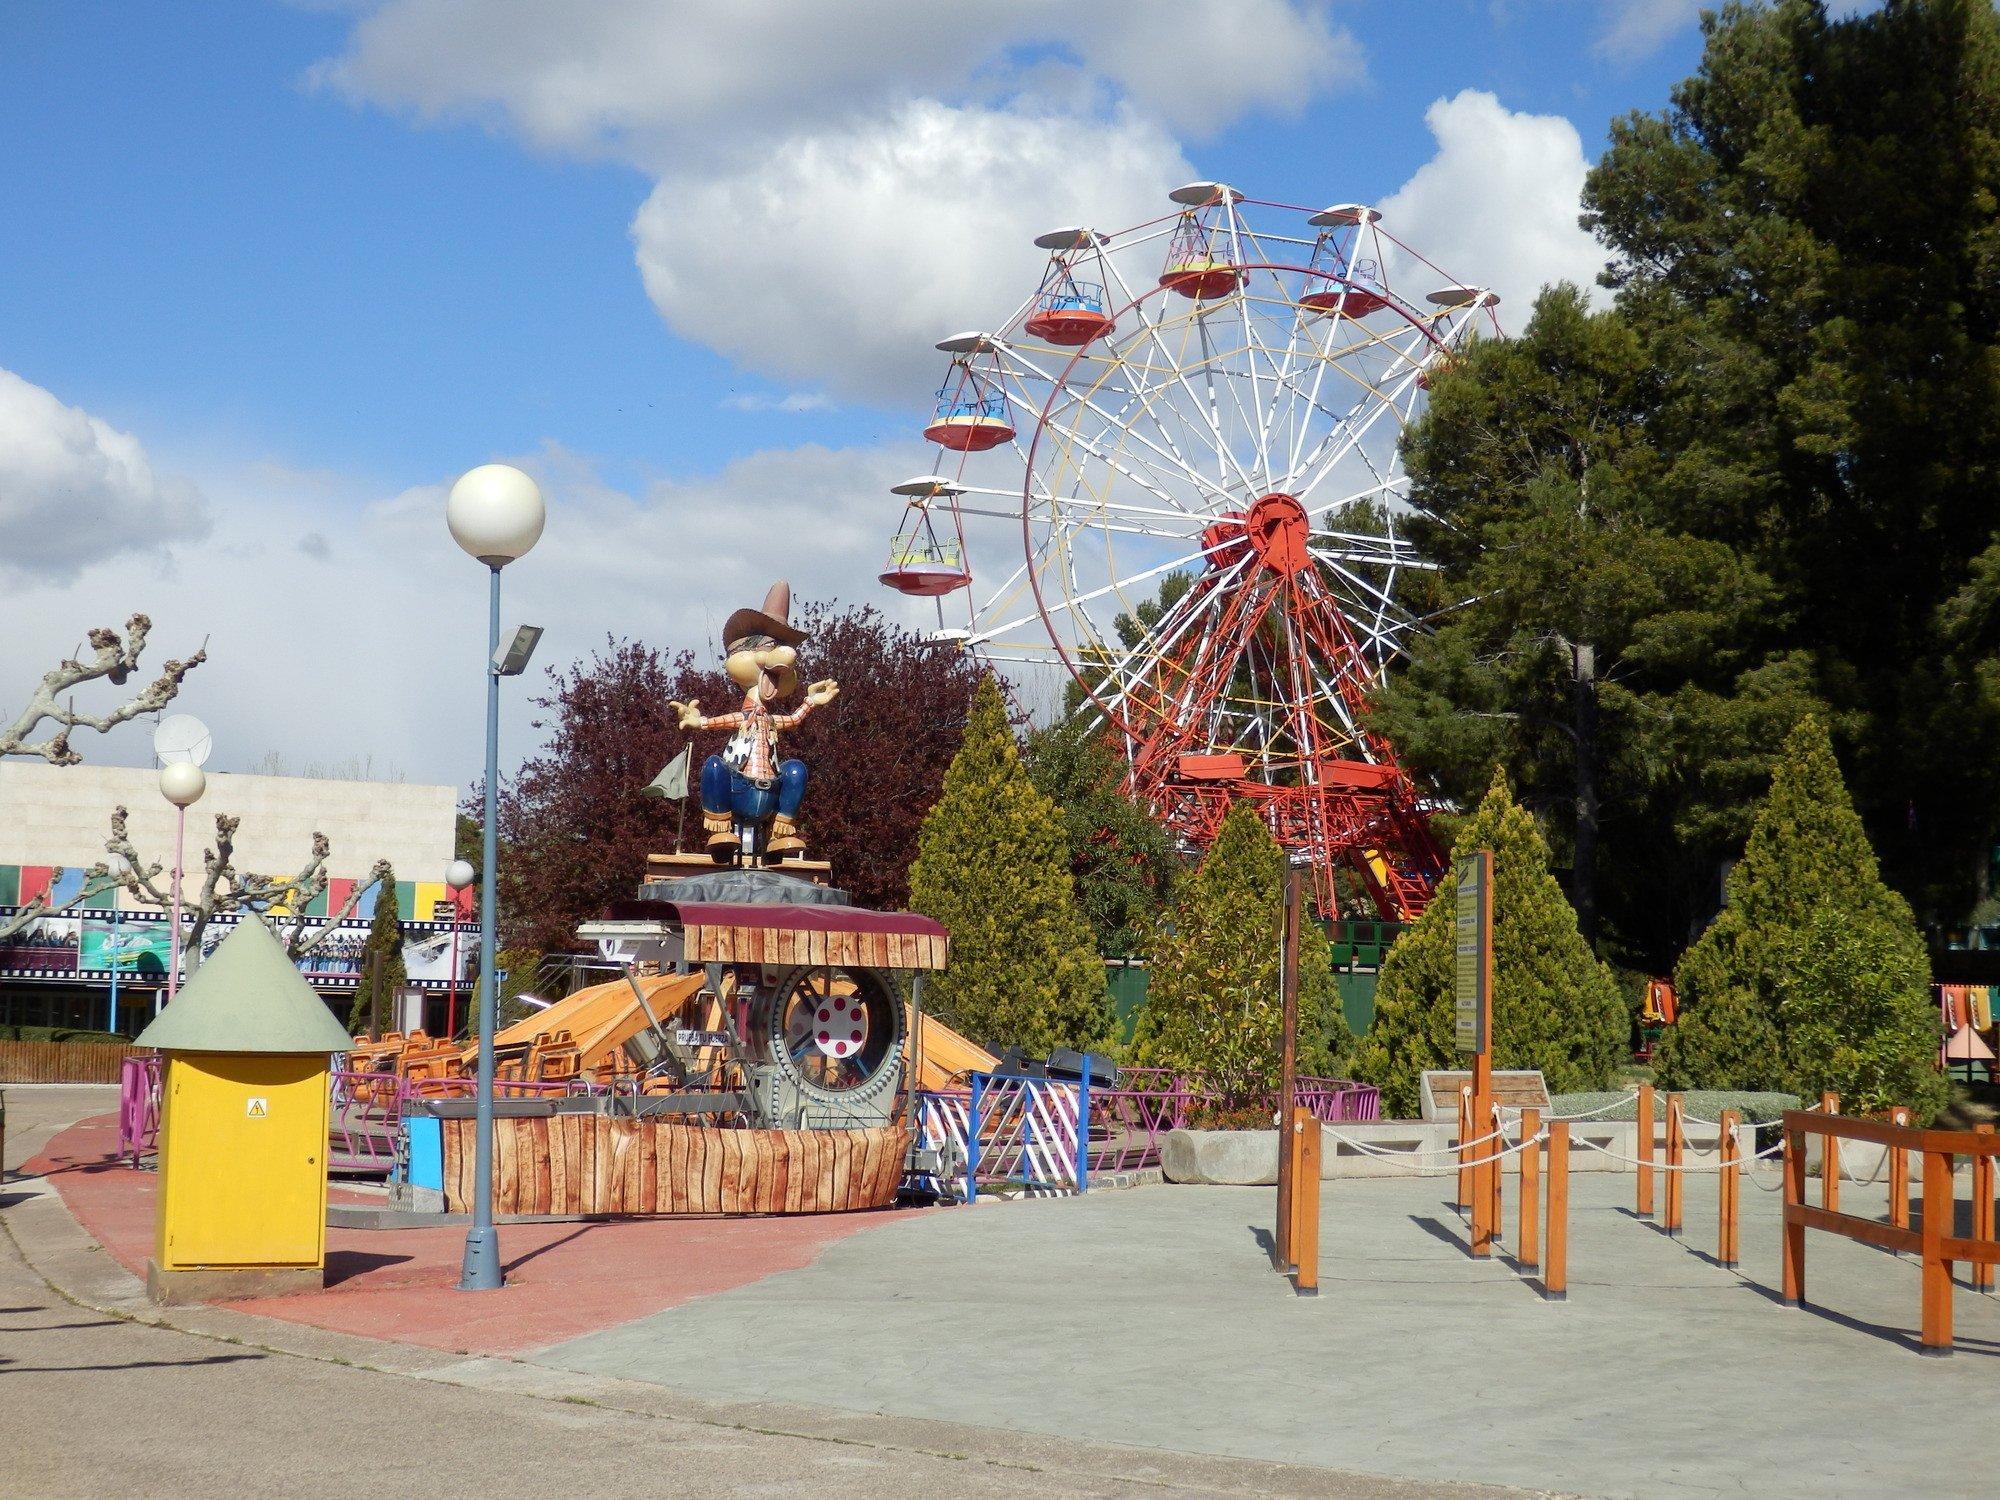 Fotos de cangurito en parque de atracciones de zaragoza pacommunity - Parque atracciones zaragoza ...